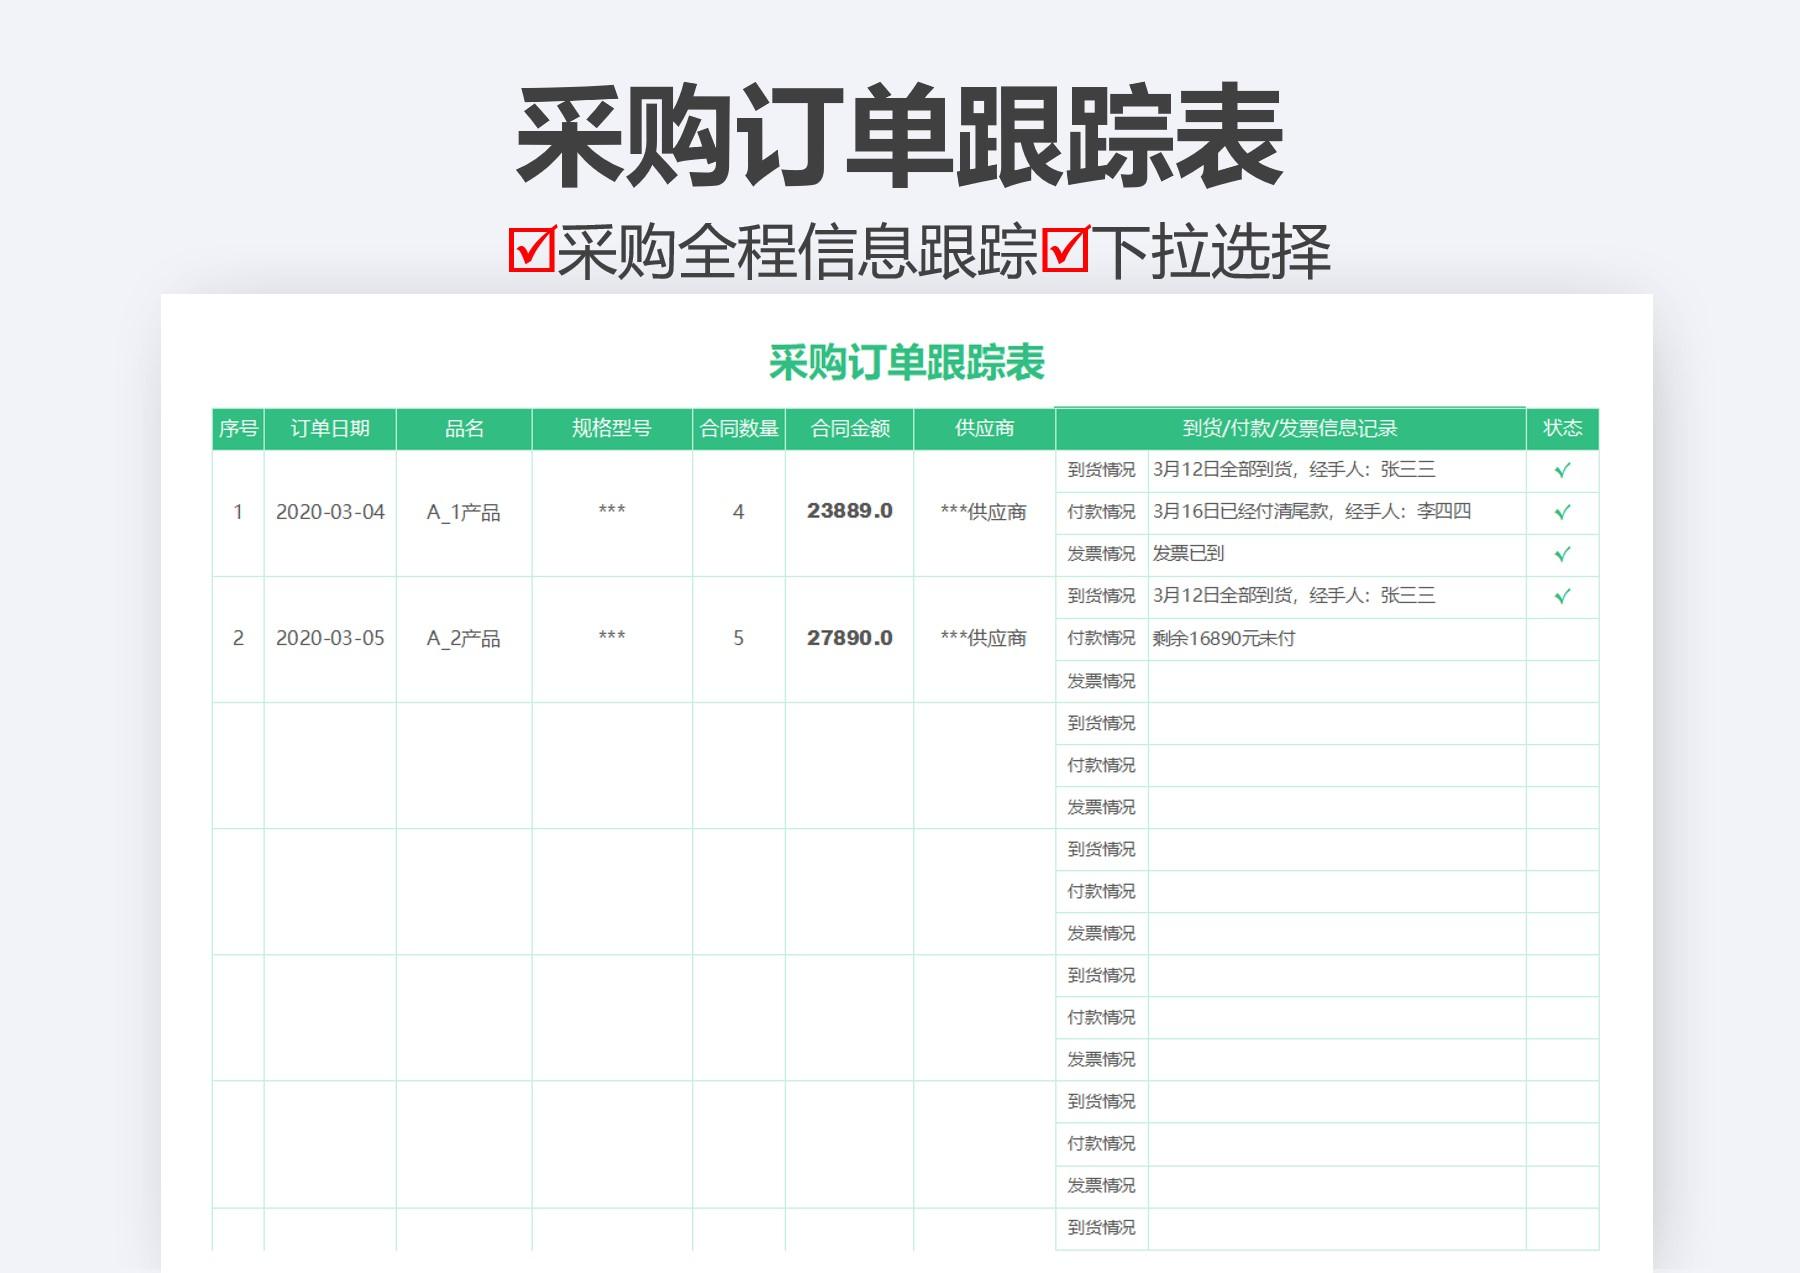 采购订单跟踪表.xlsx